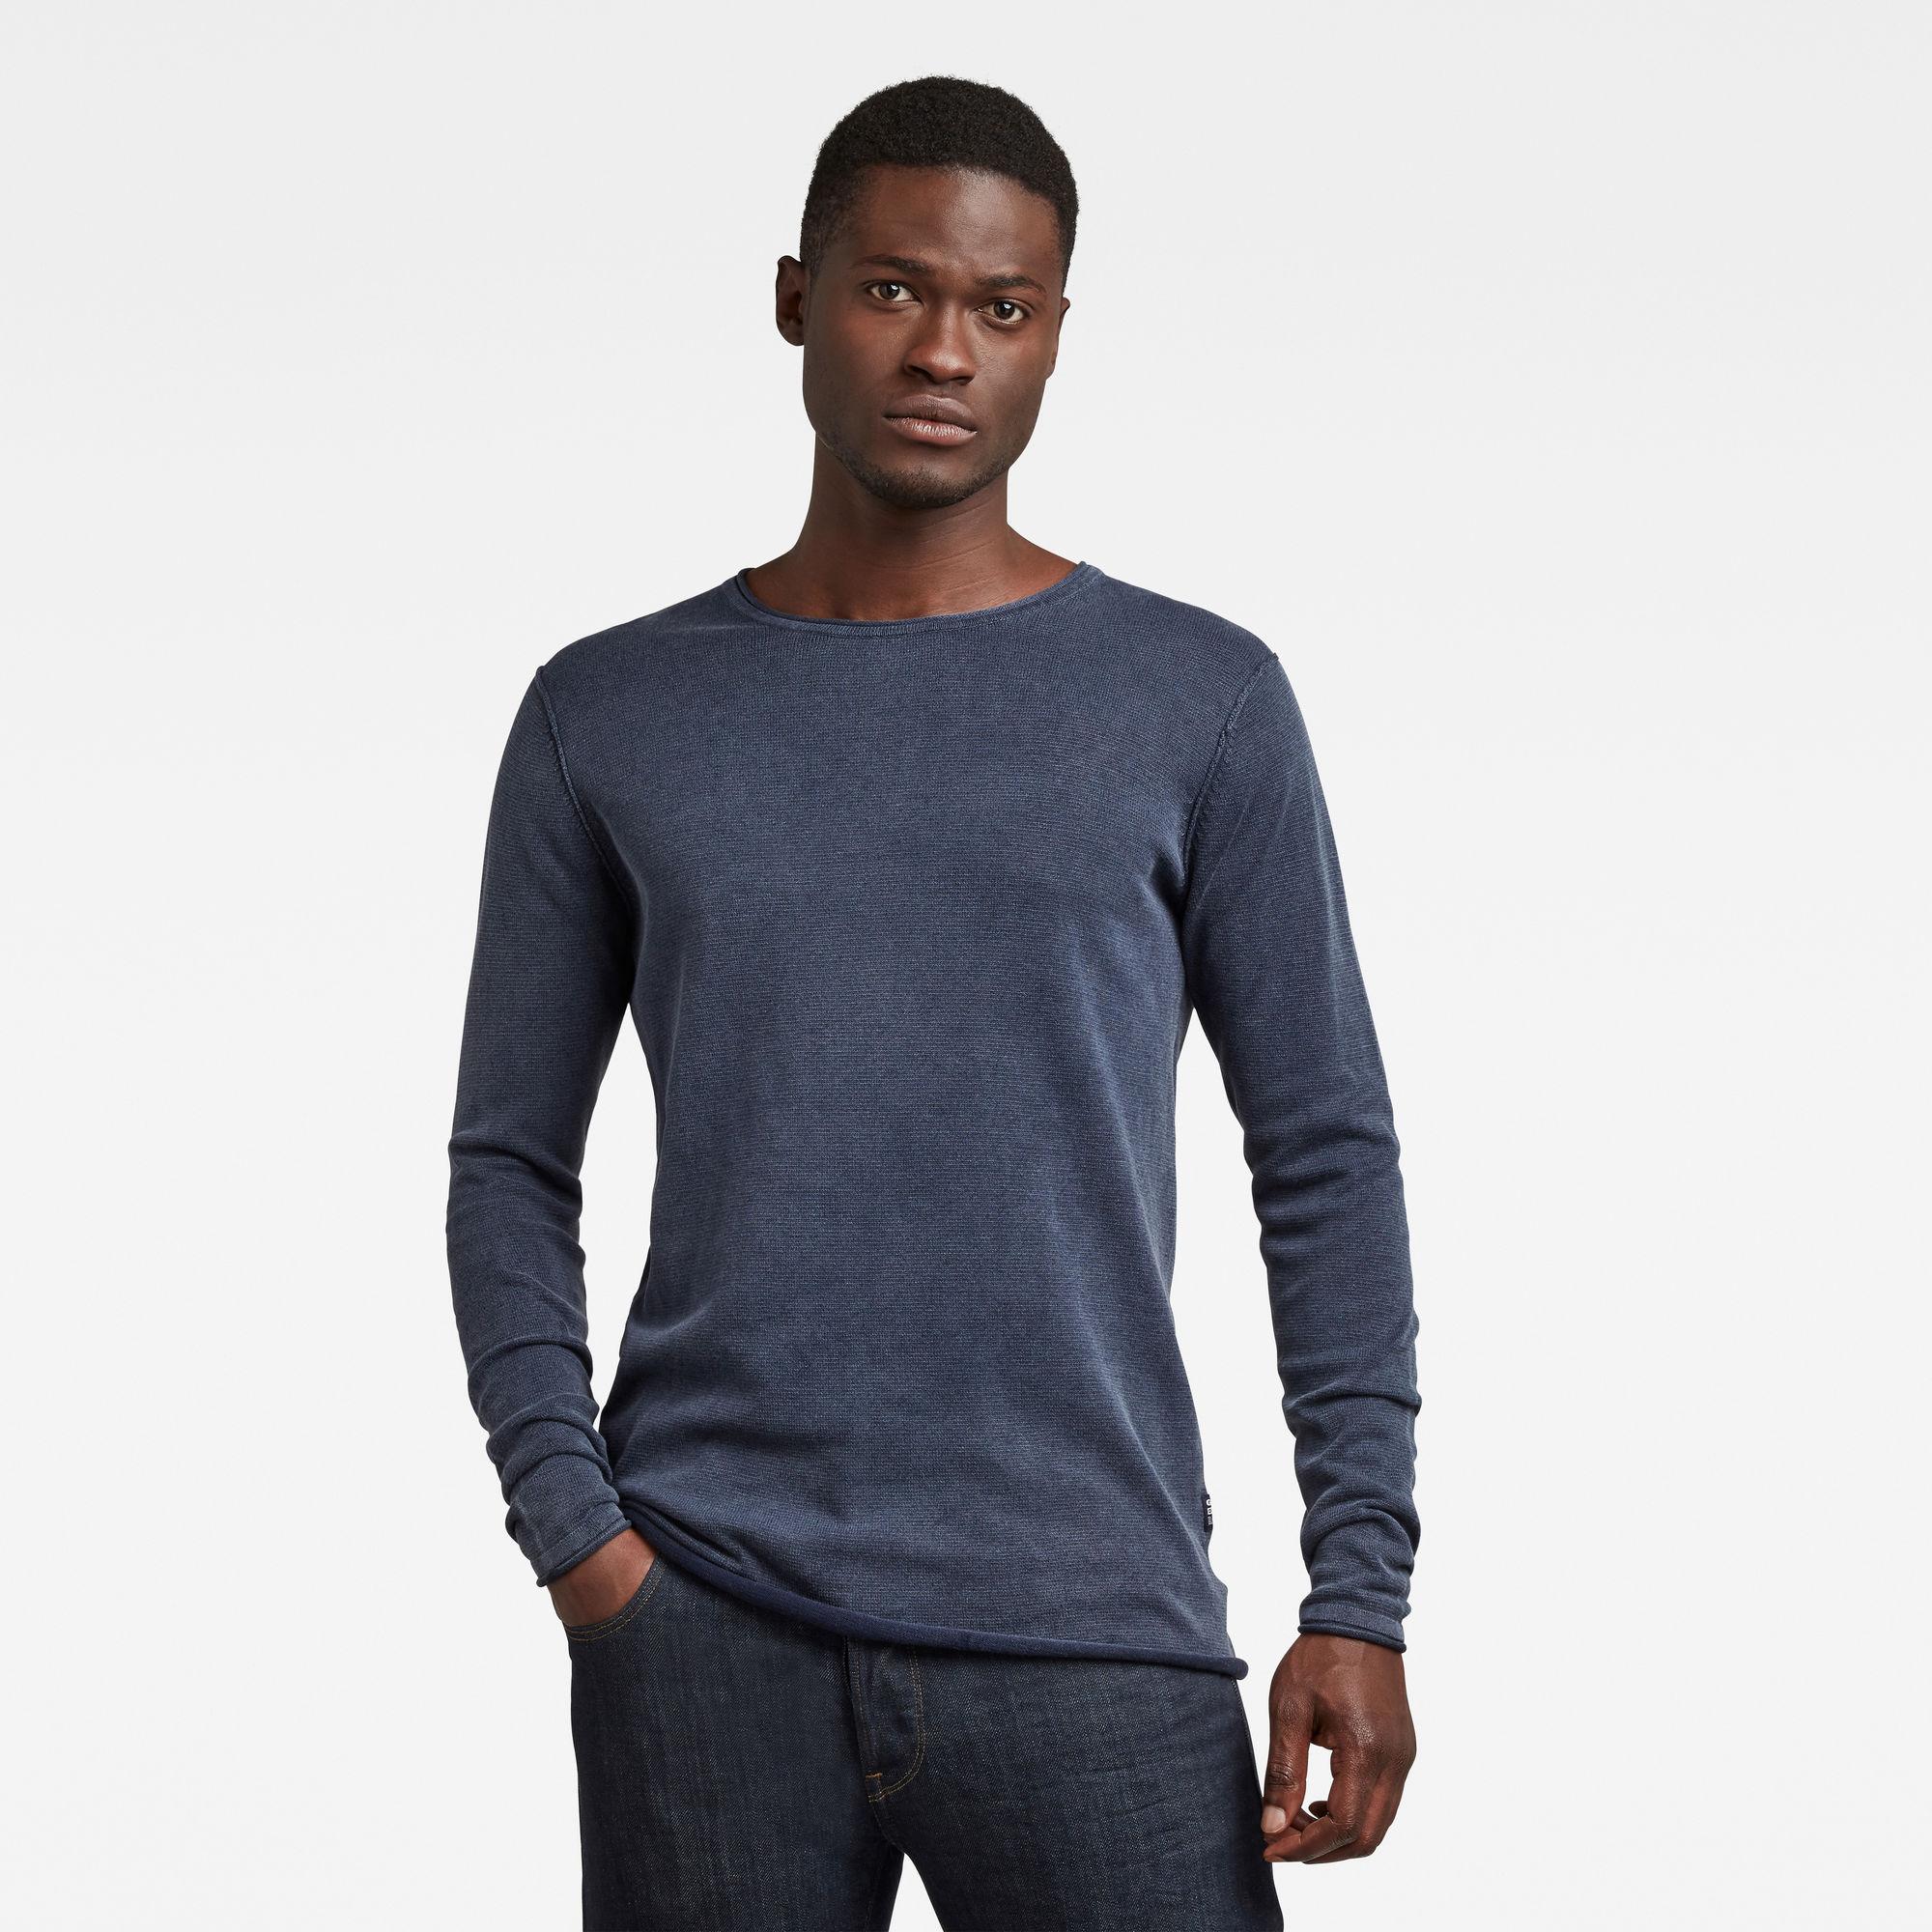 G-Star RAW Heren Bronek Knitted Sweater Donkerblauw